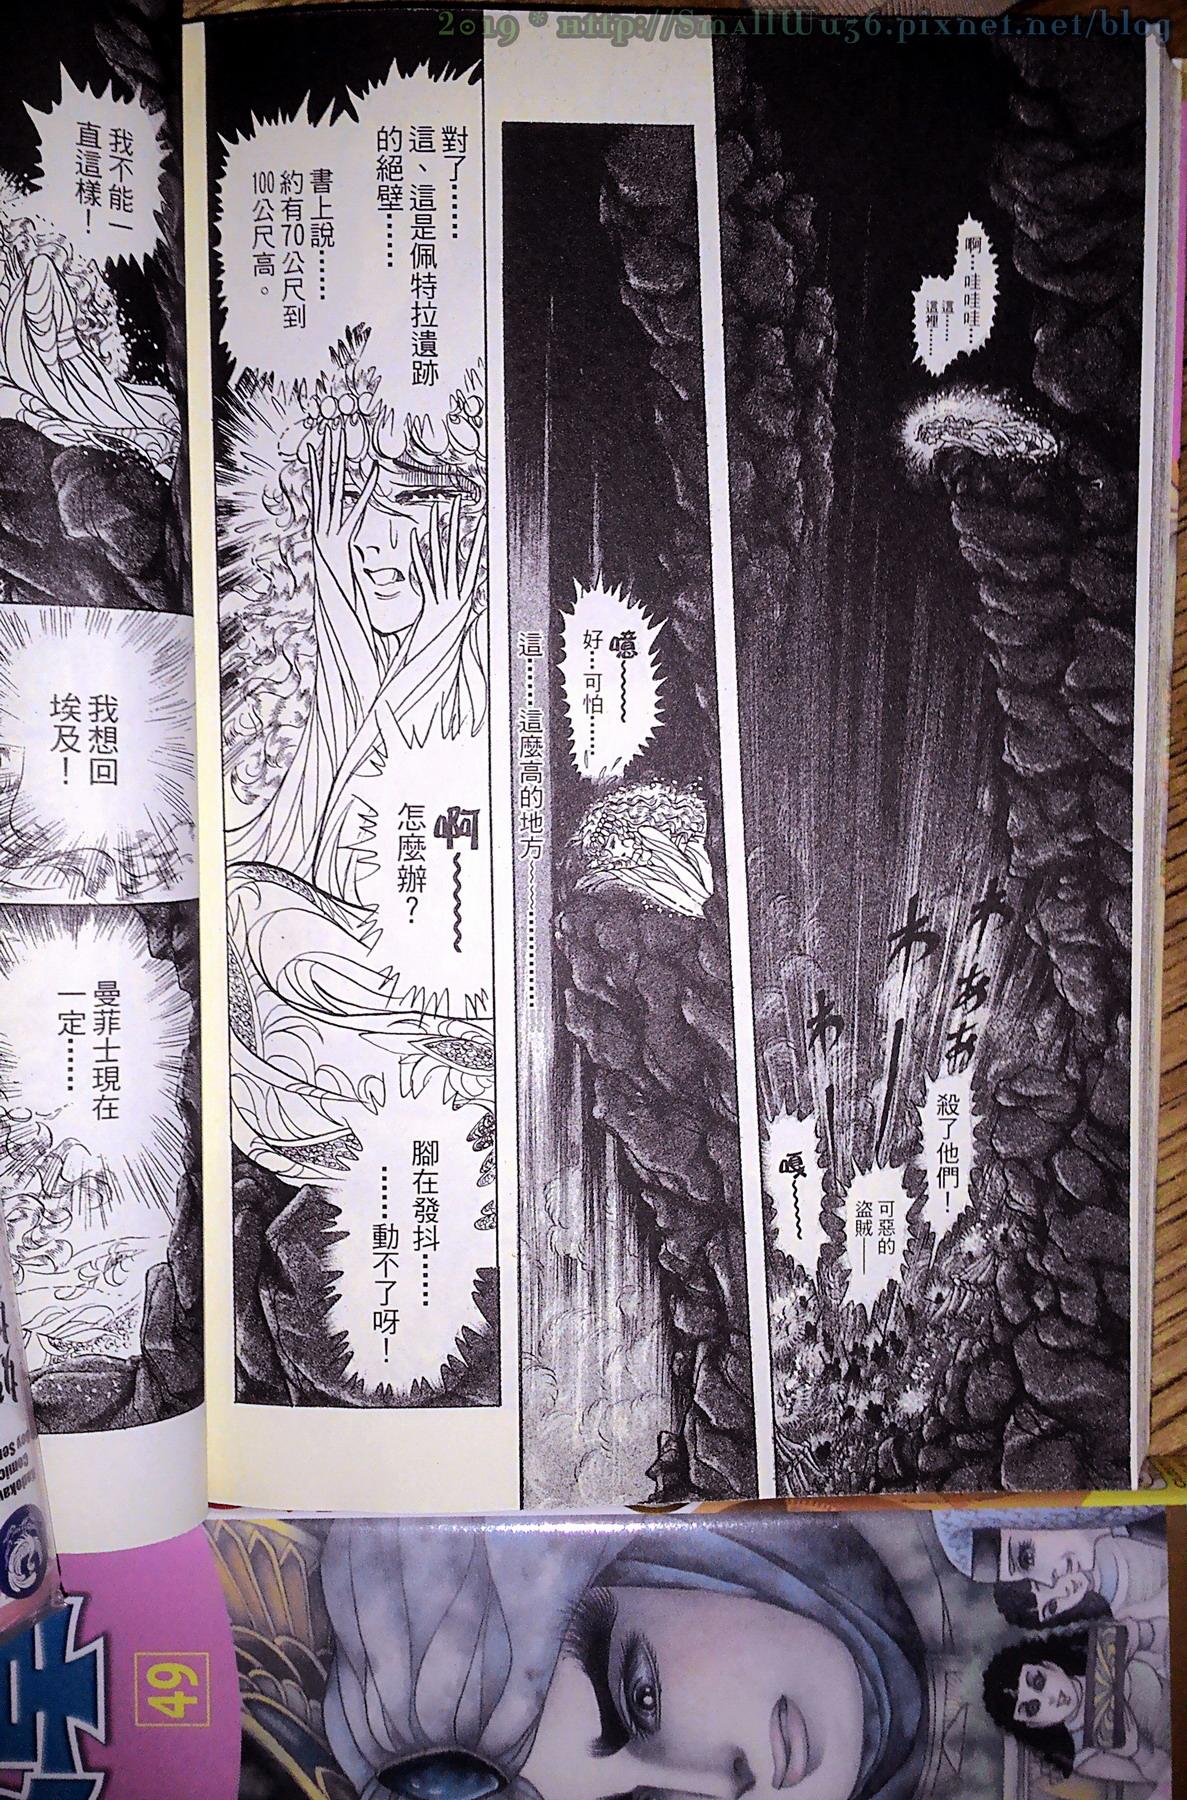 細川智榮子-王家的紋章(尼羅河女兒) 49-50 (長鴻)  vol_49-2.jpg